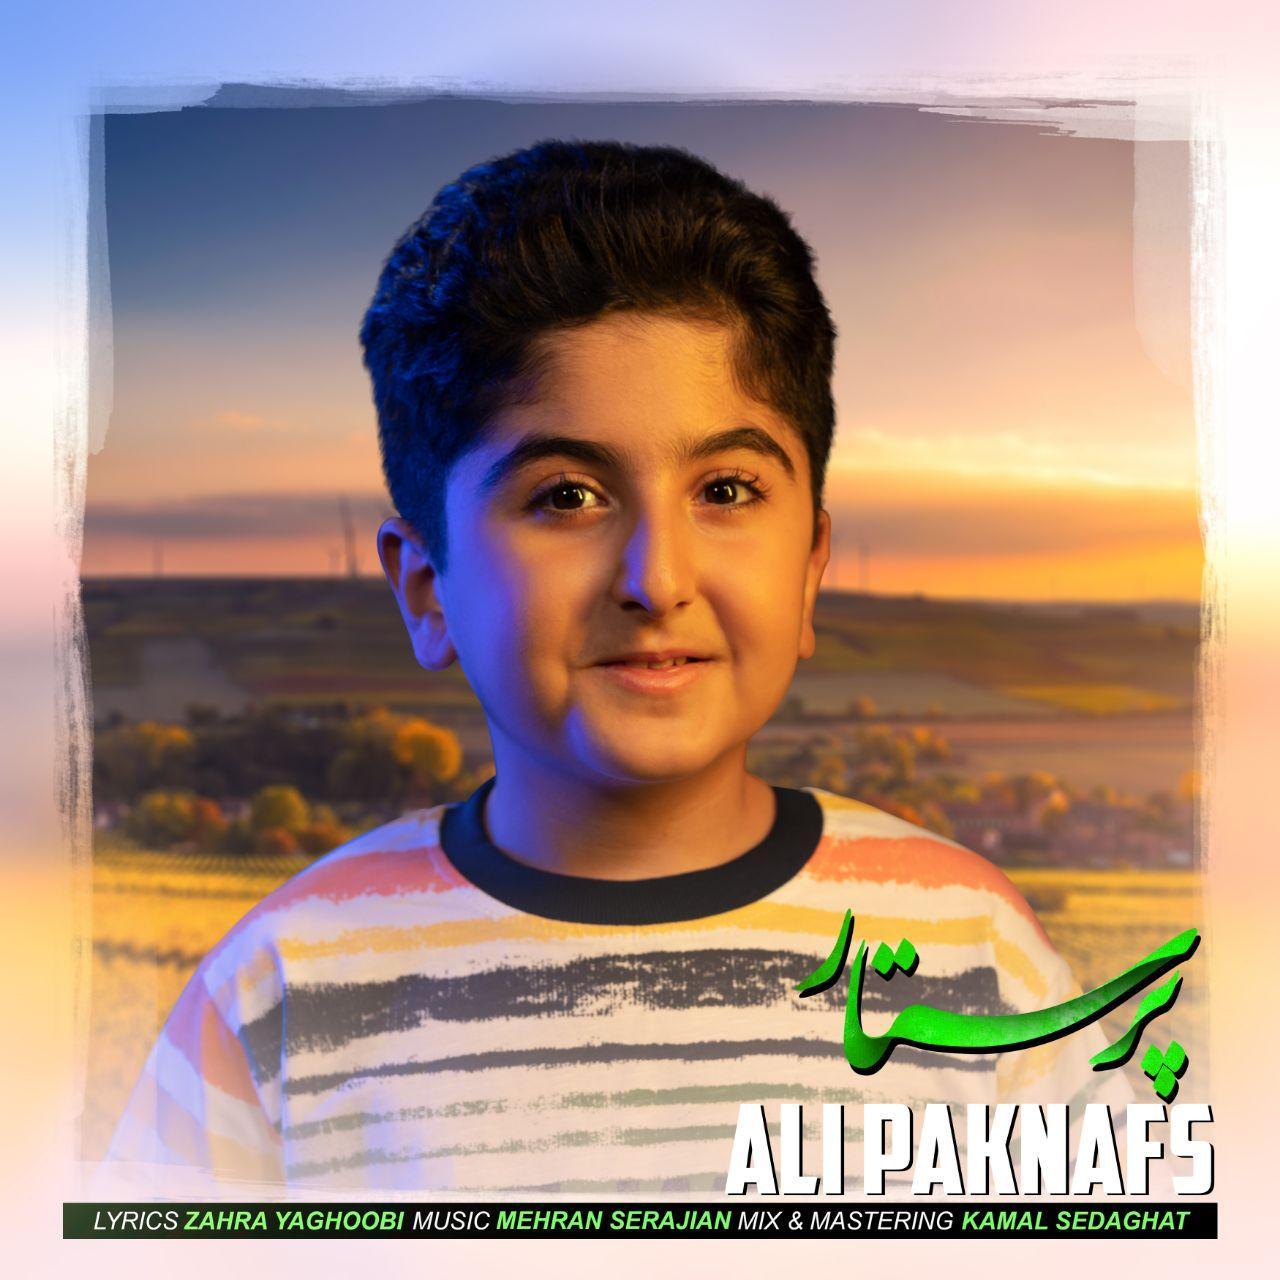 Download Ahang علی پاک نفس پرستار